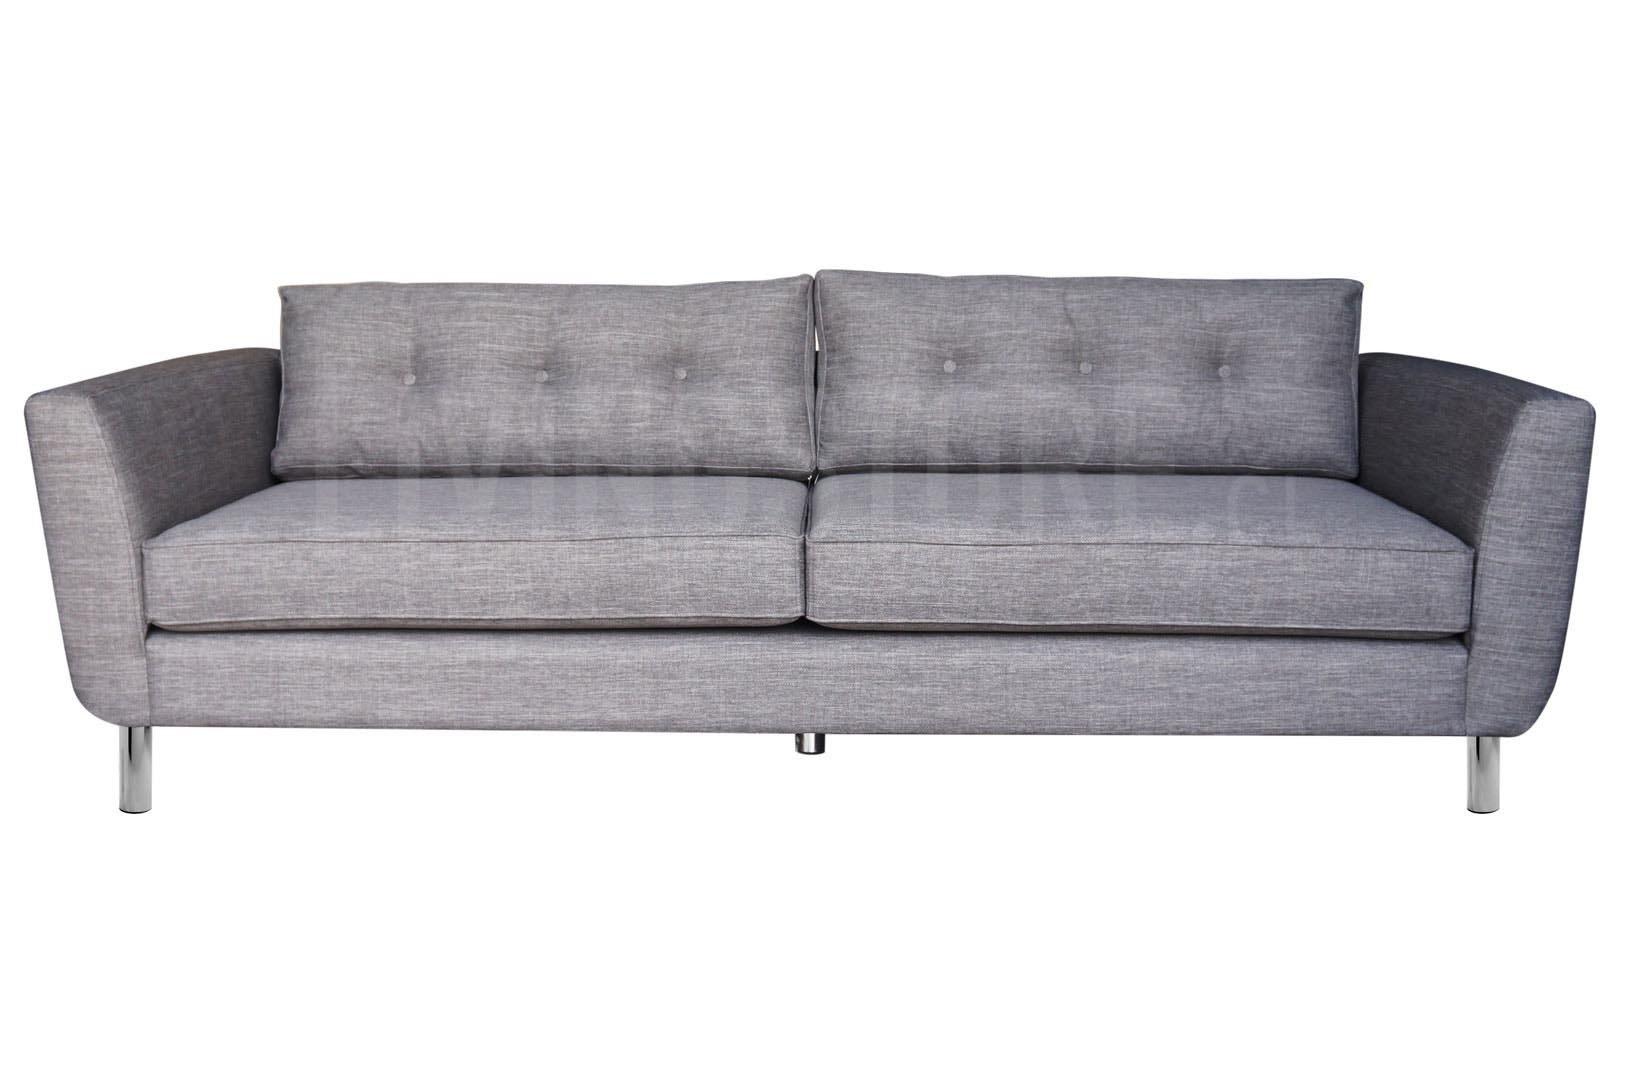 Sofá personalizado 3 Cuerpos pata metálica tucumán gris